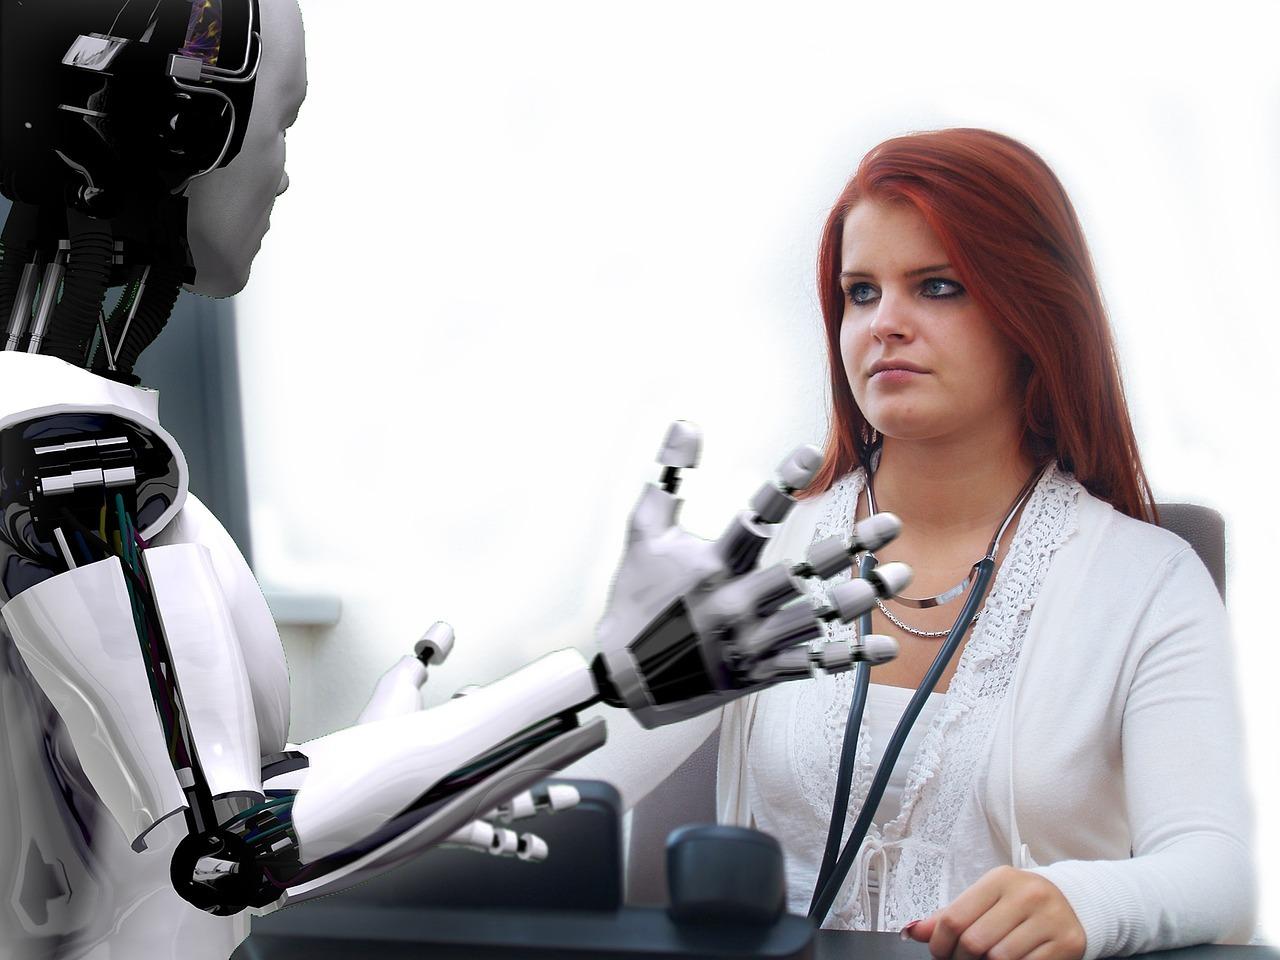 不只能做客服和行銷,AI聊天機器人還可以用在環境保育?